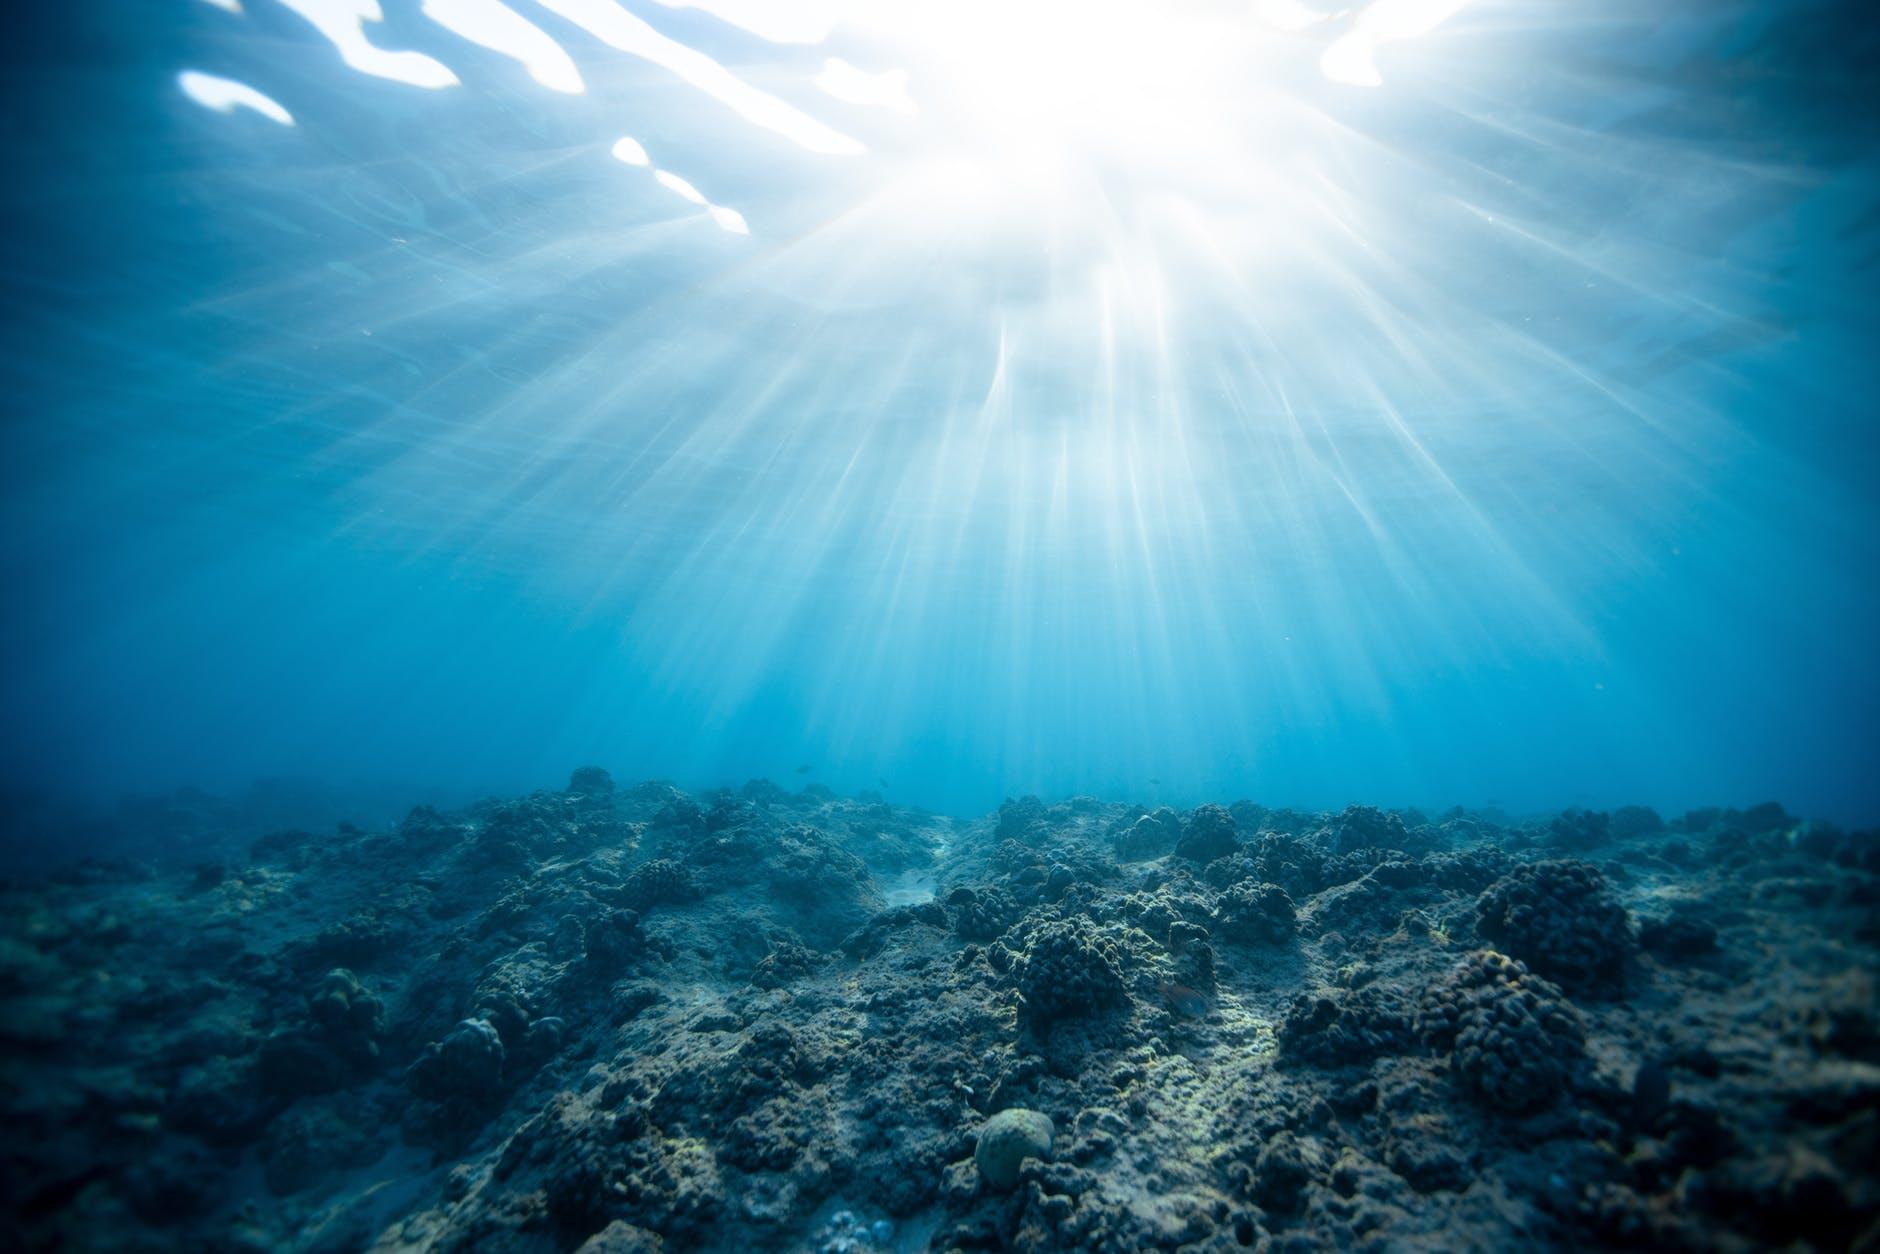 underwater photography of ocean